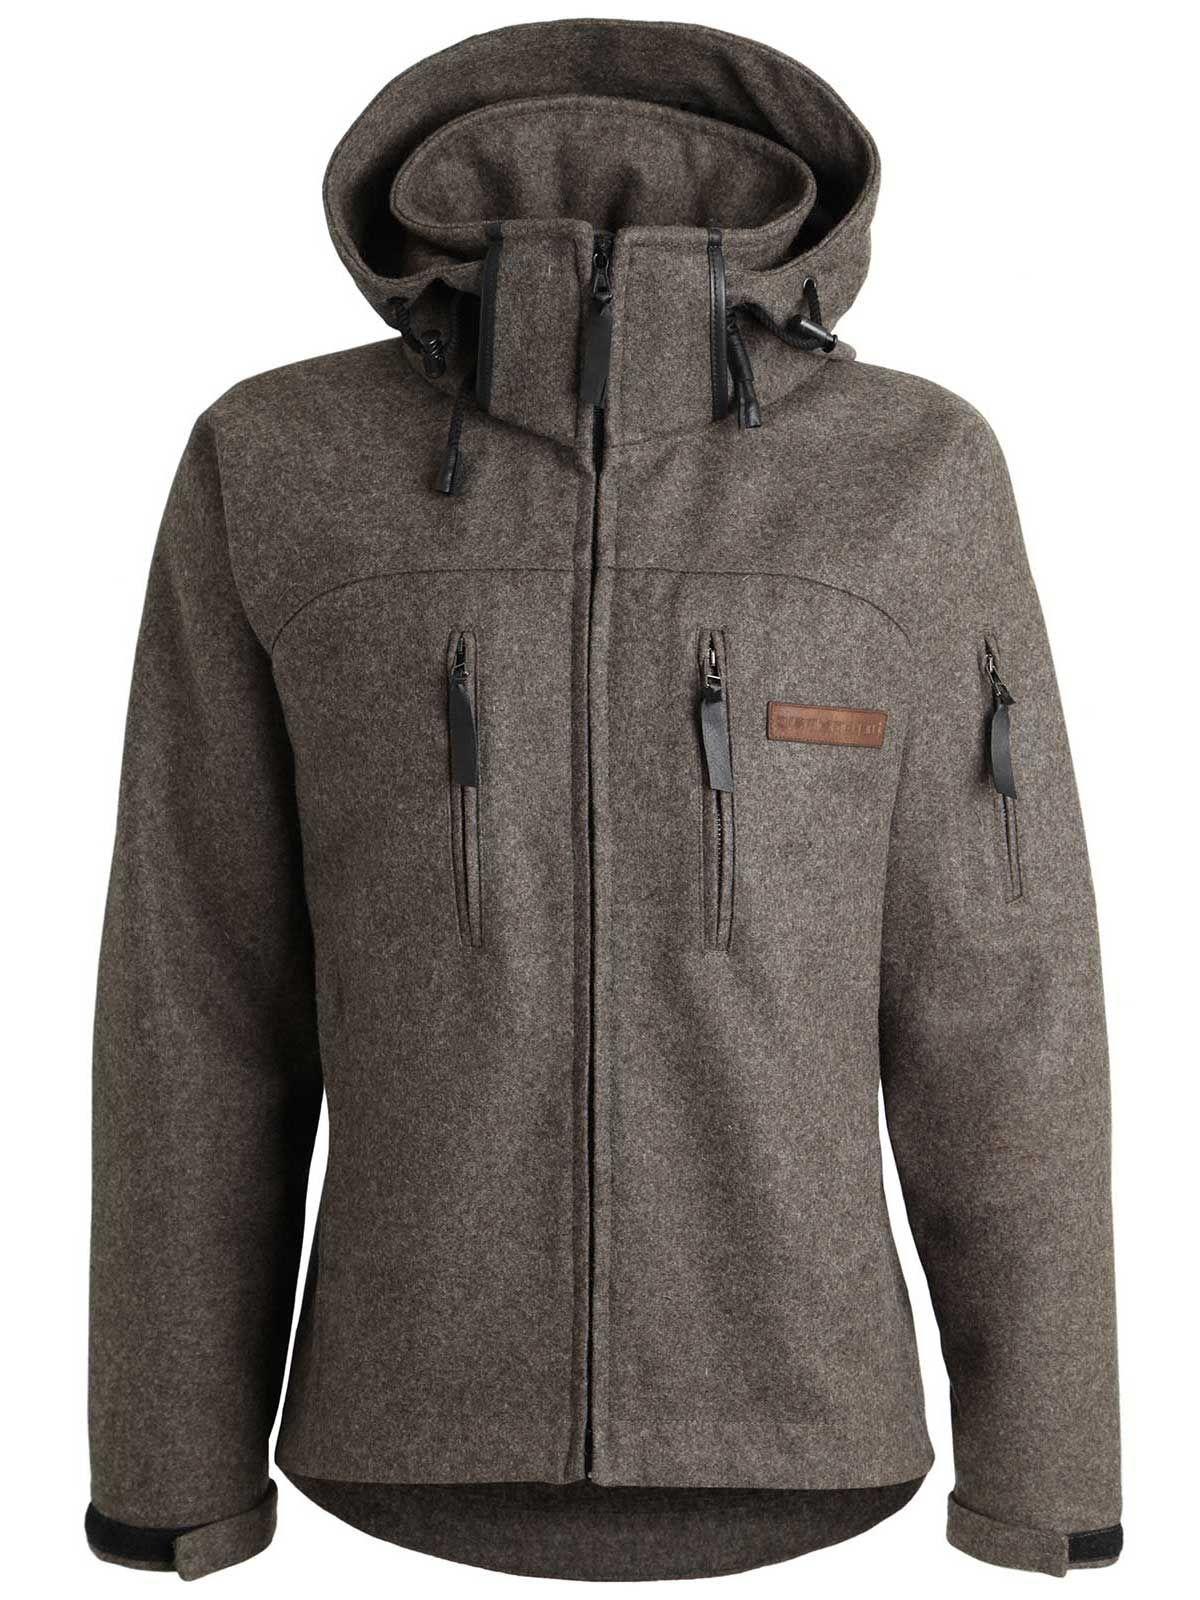 227ee865be hedlund Grenland Pro Loden Outdoorjacke | hedlund Outdoorbekleidung ...